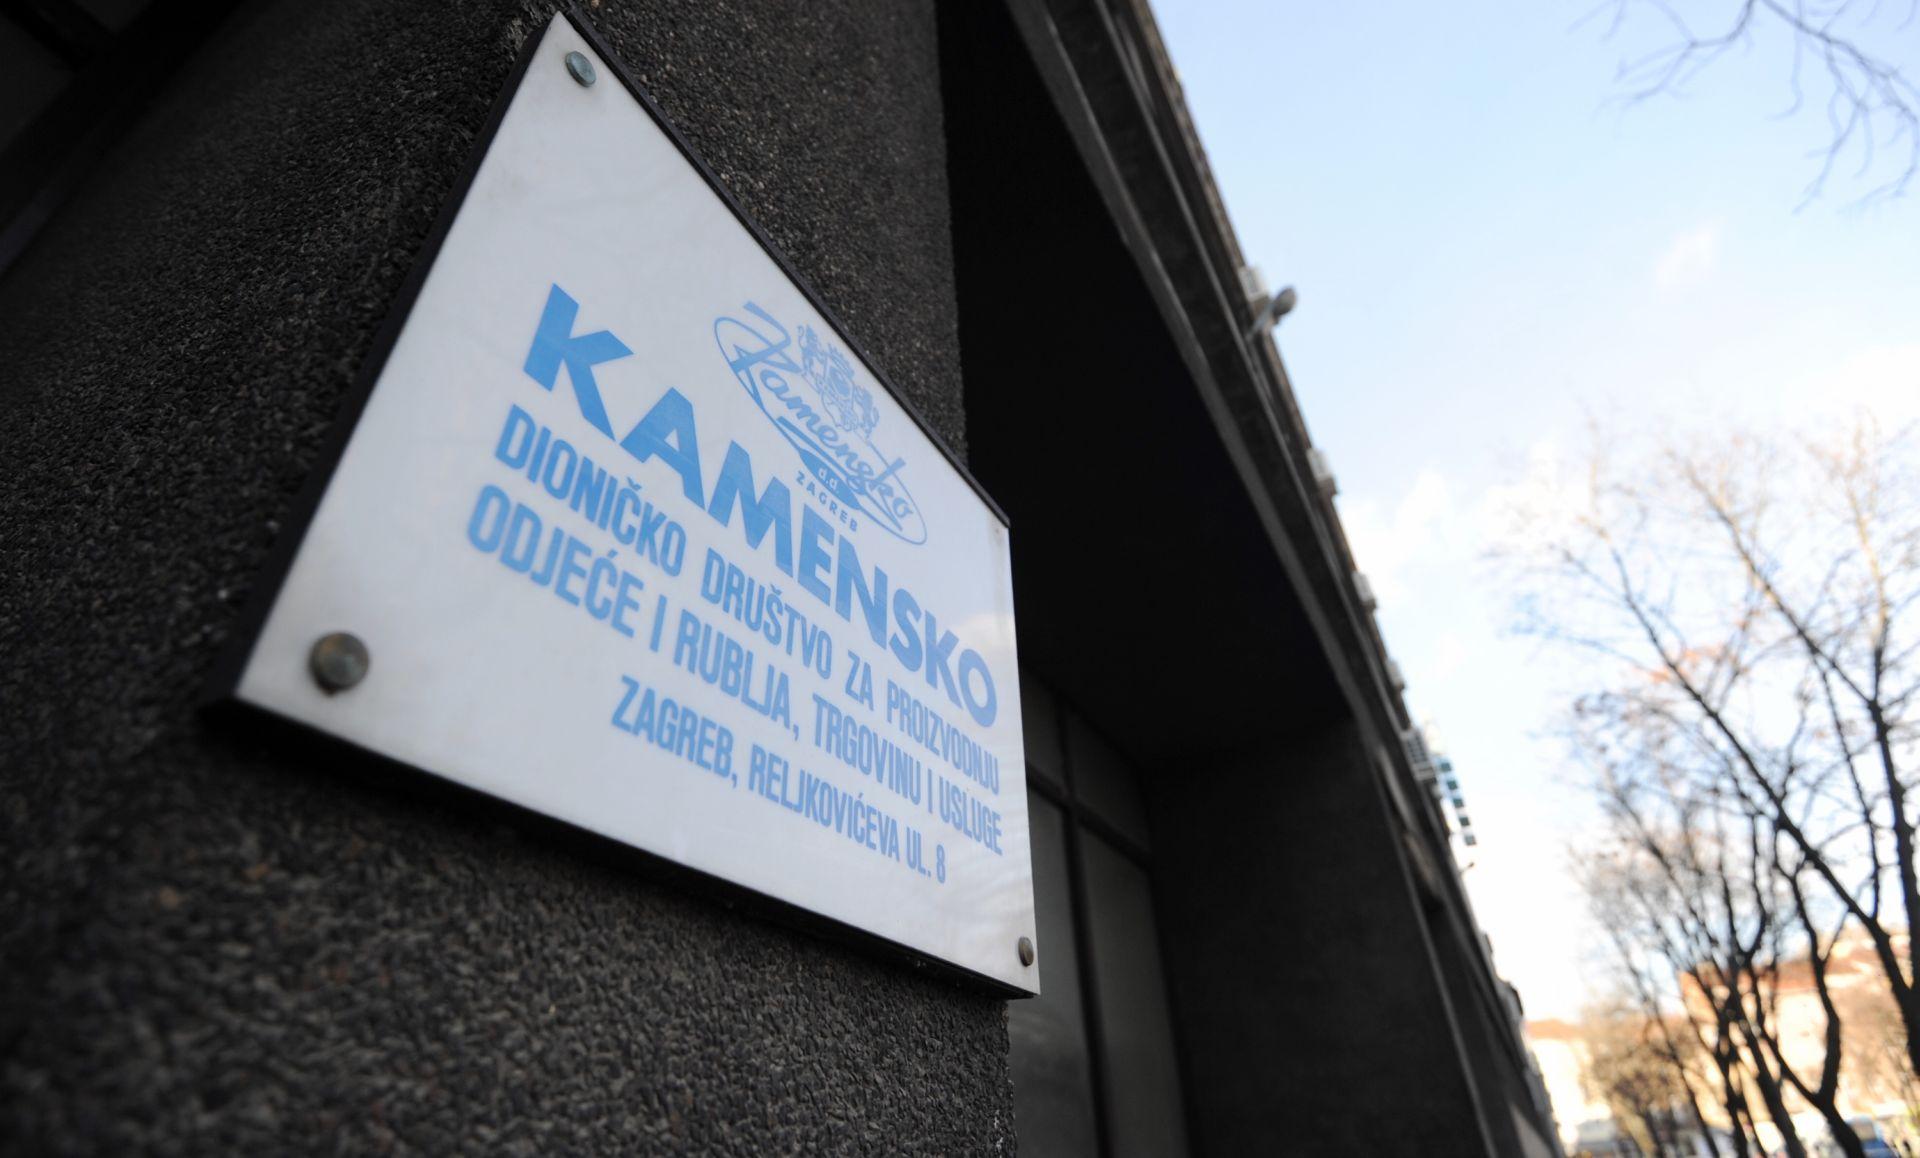 Anni Aurei prodane dvije nekretnine Kamenskog za 24 mln kn